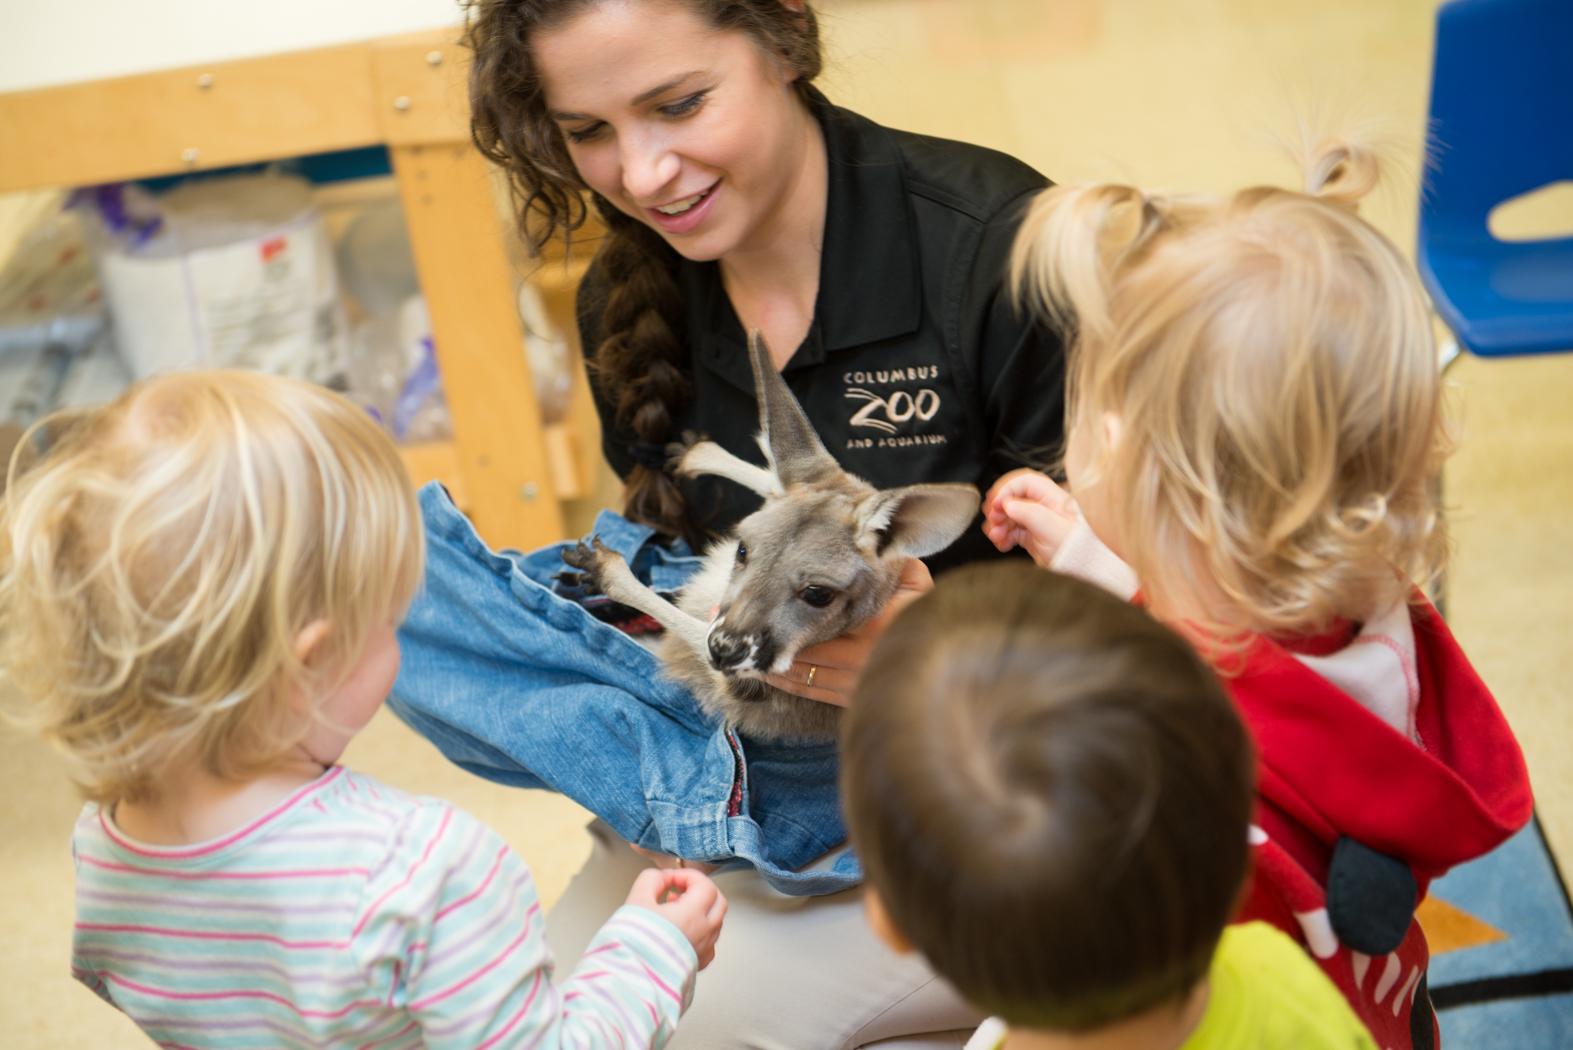 Promo Outreach 2519 - Grahm S. Jones, Columbus Zoo and Aquarium.jpg